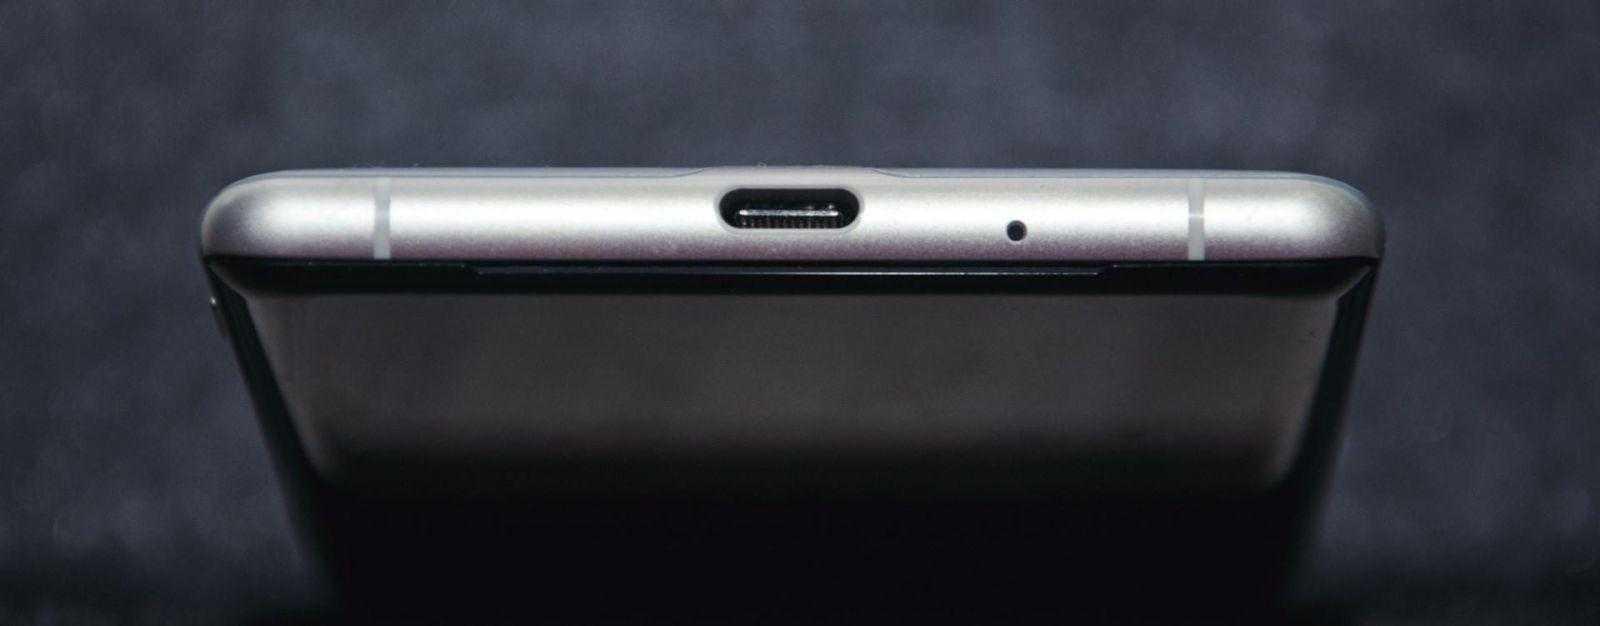 USB-C в смартфонах Sony уже стал традиционным.